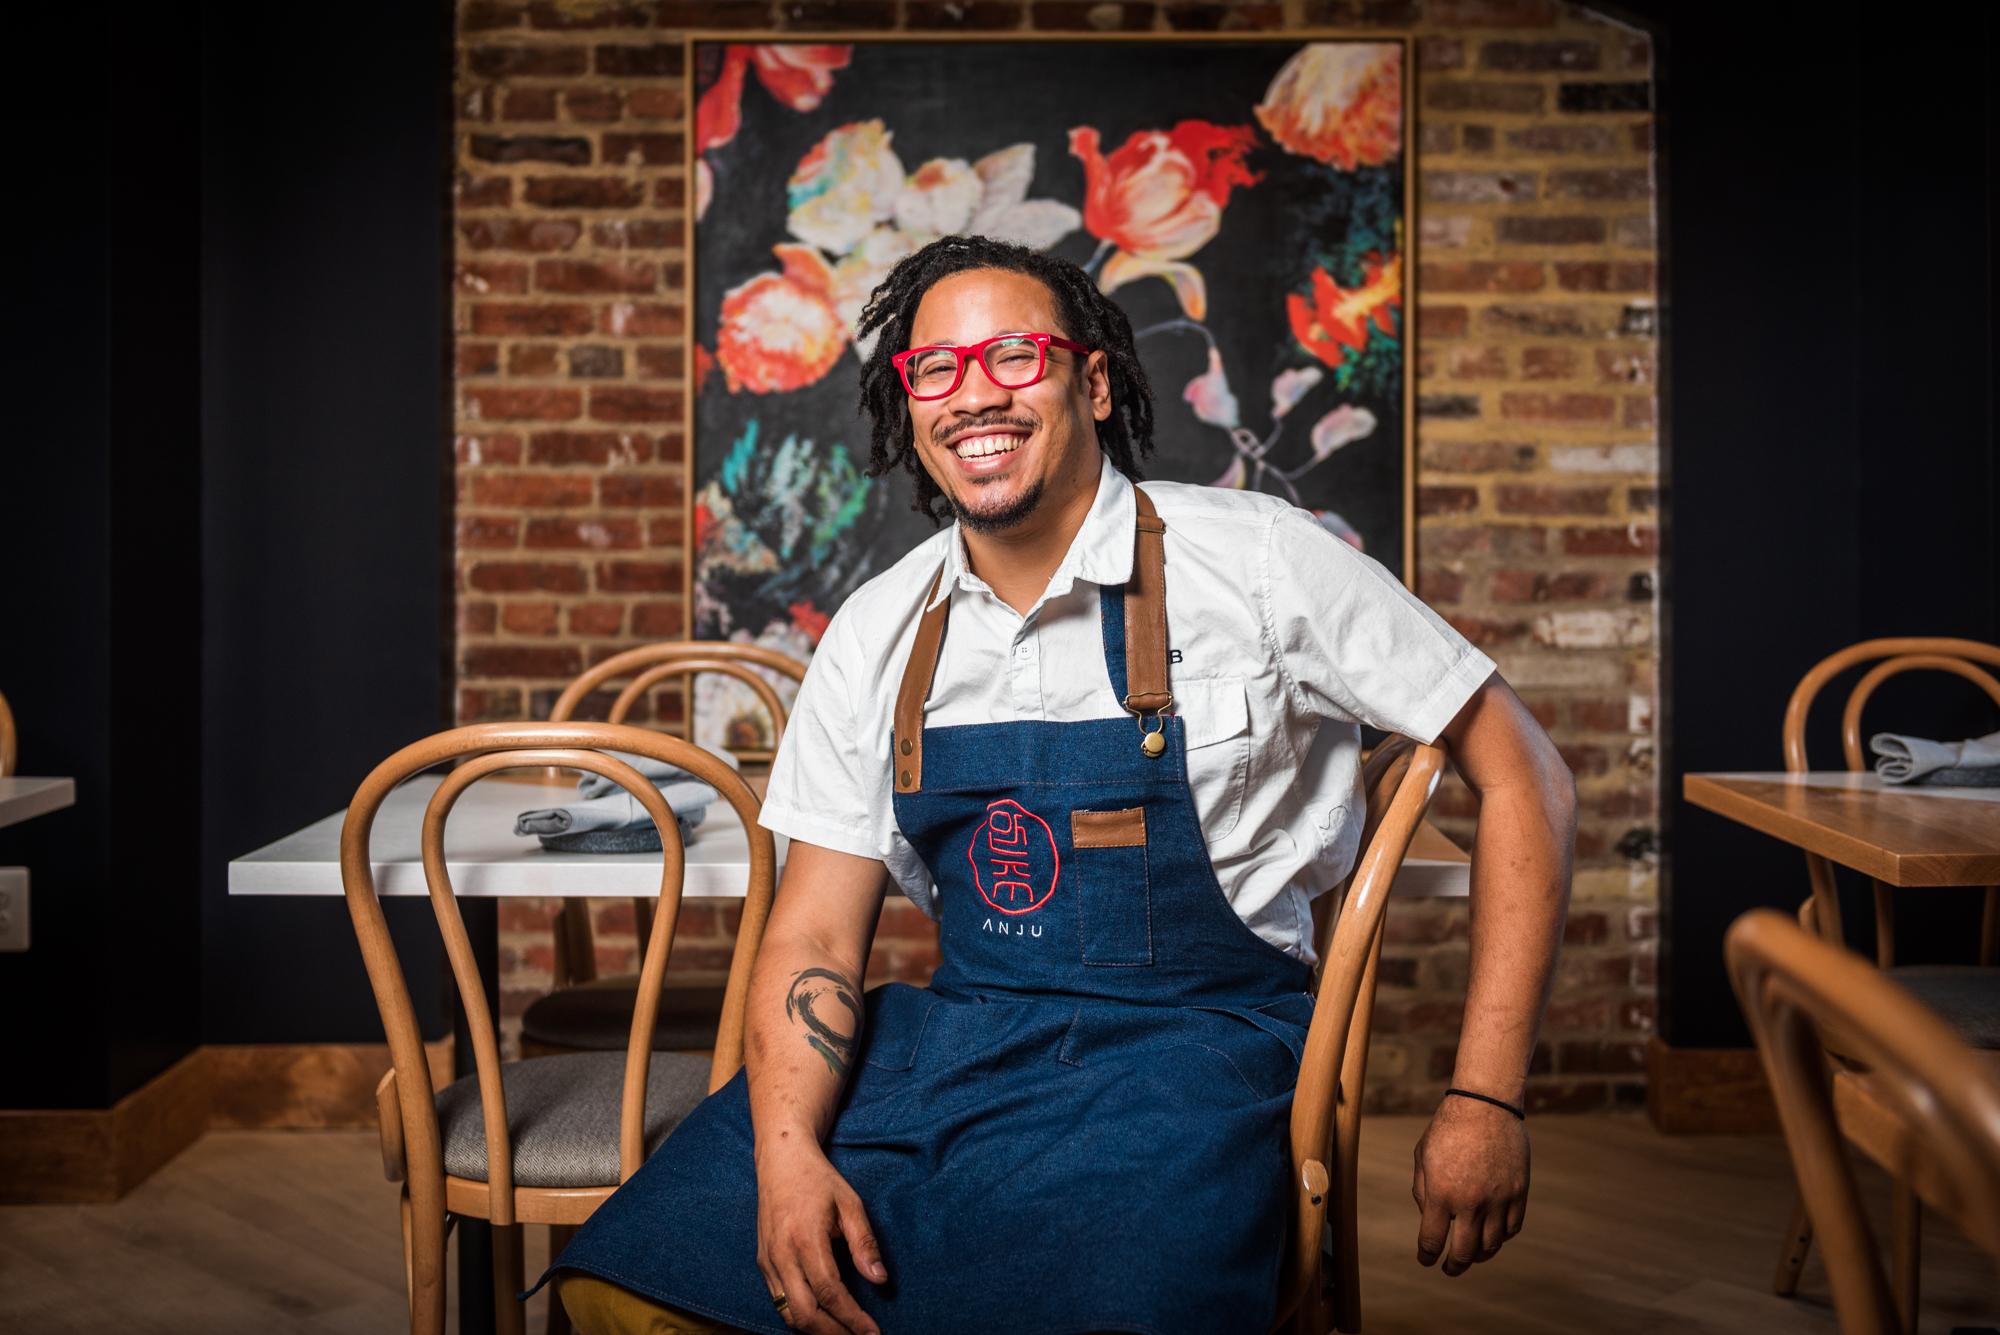 Anju chef Angel Barreto